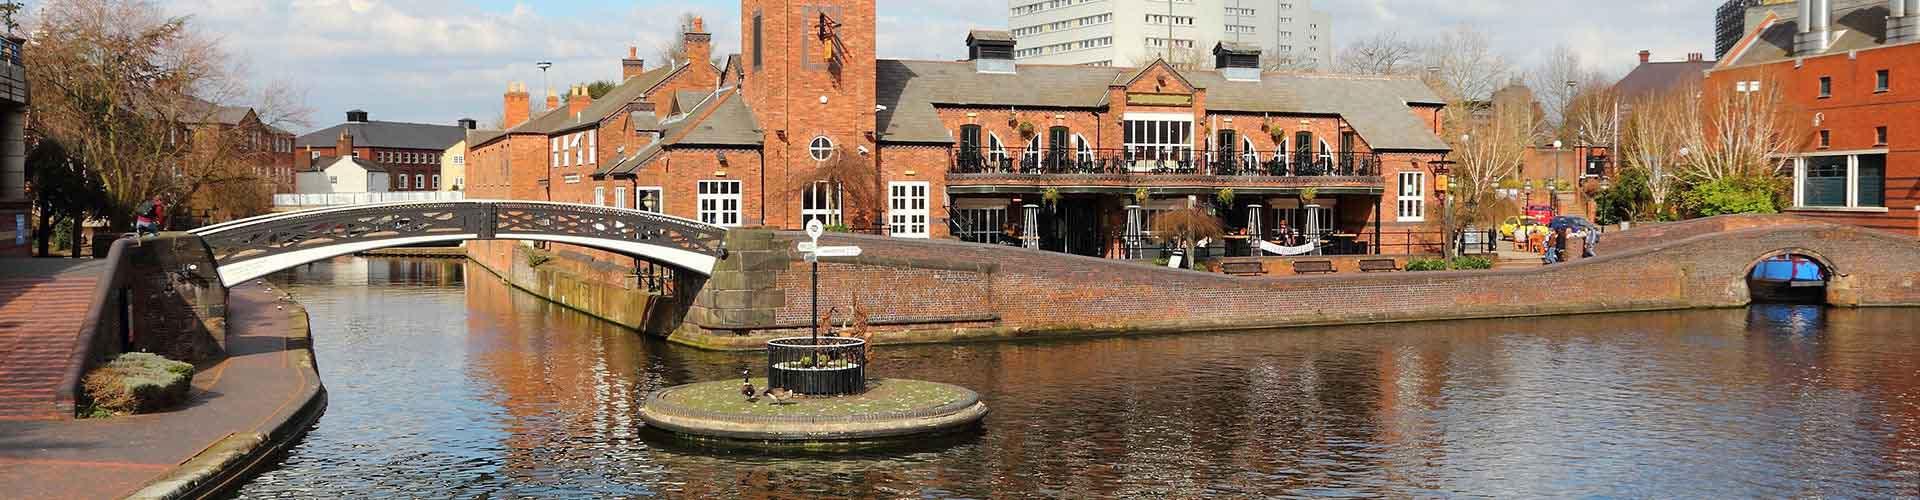 버밍엄 - 버밍엄에 있는 호스텔. 버밍엄의 지도, 버밍엄에 위치한 호스텔 사진 및 후기 정보.